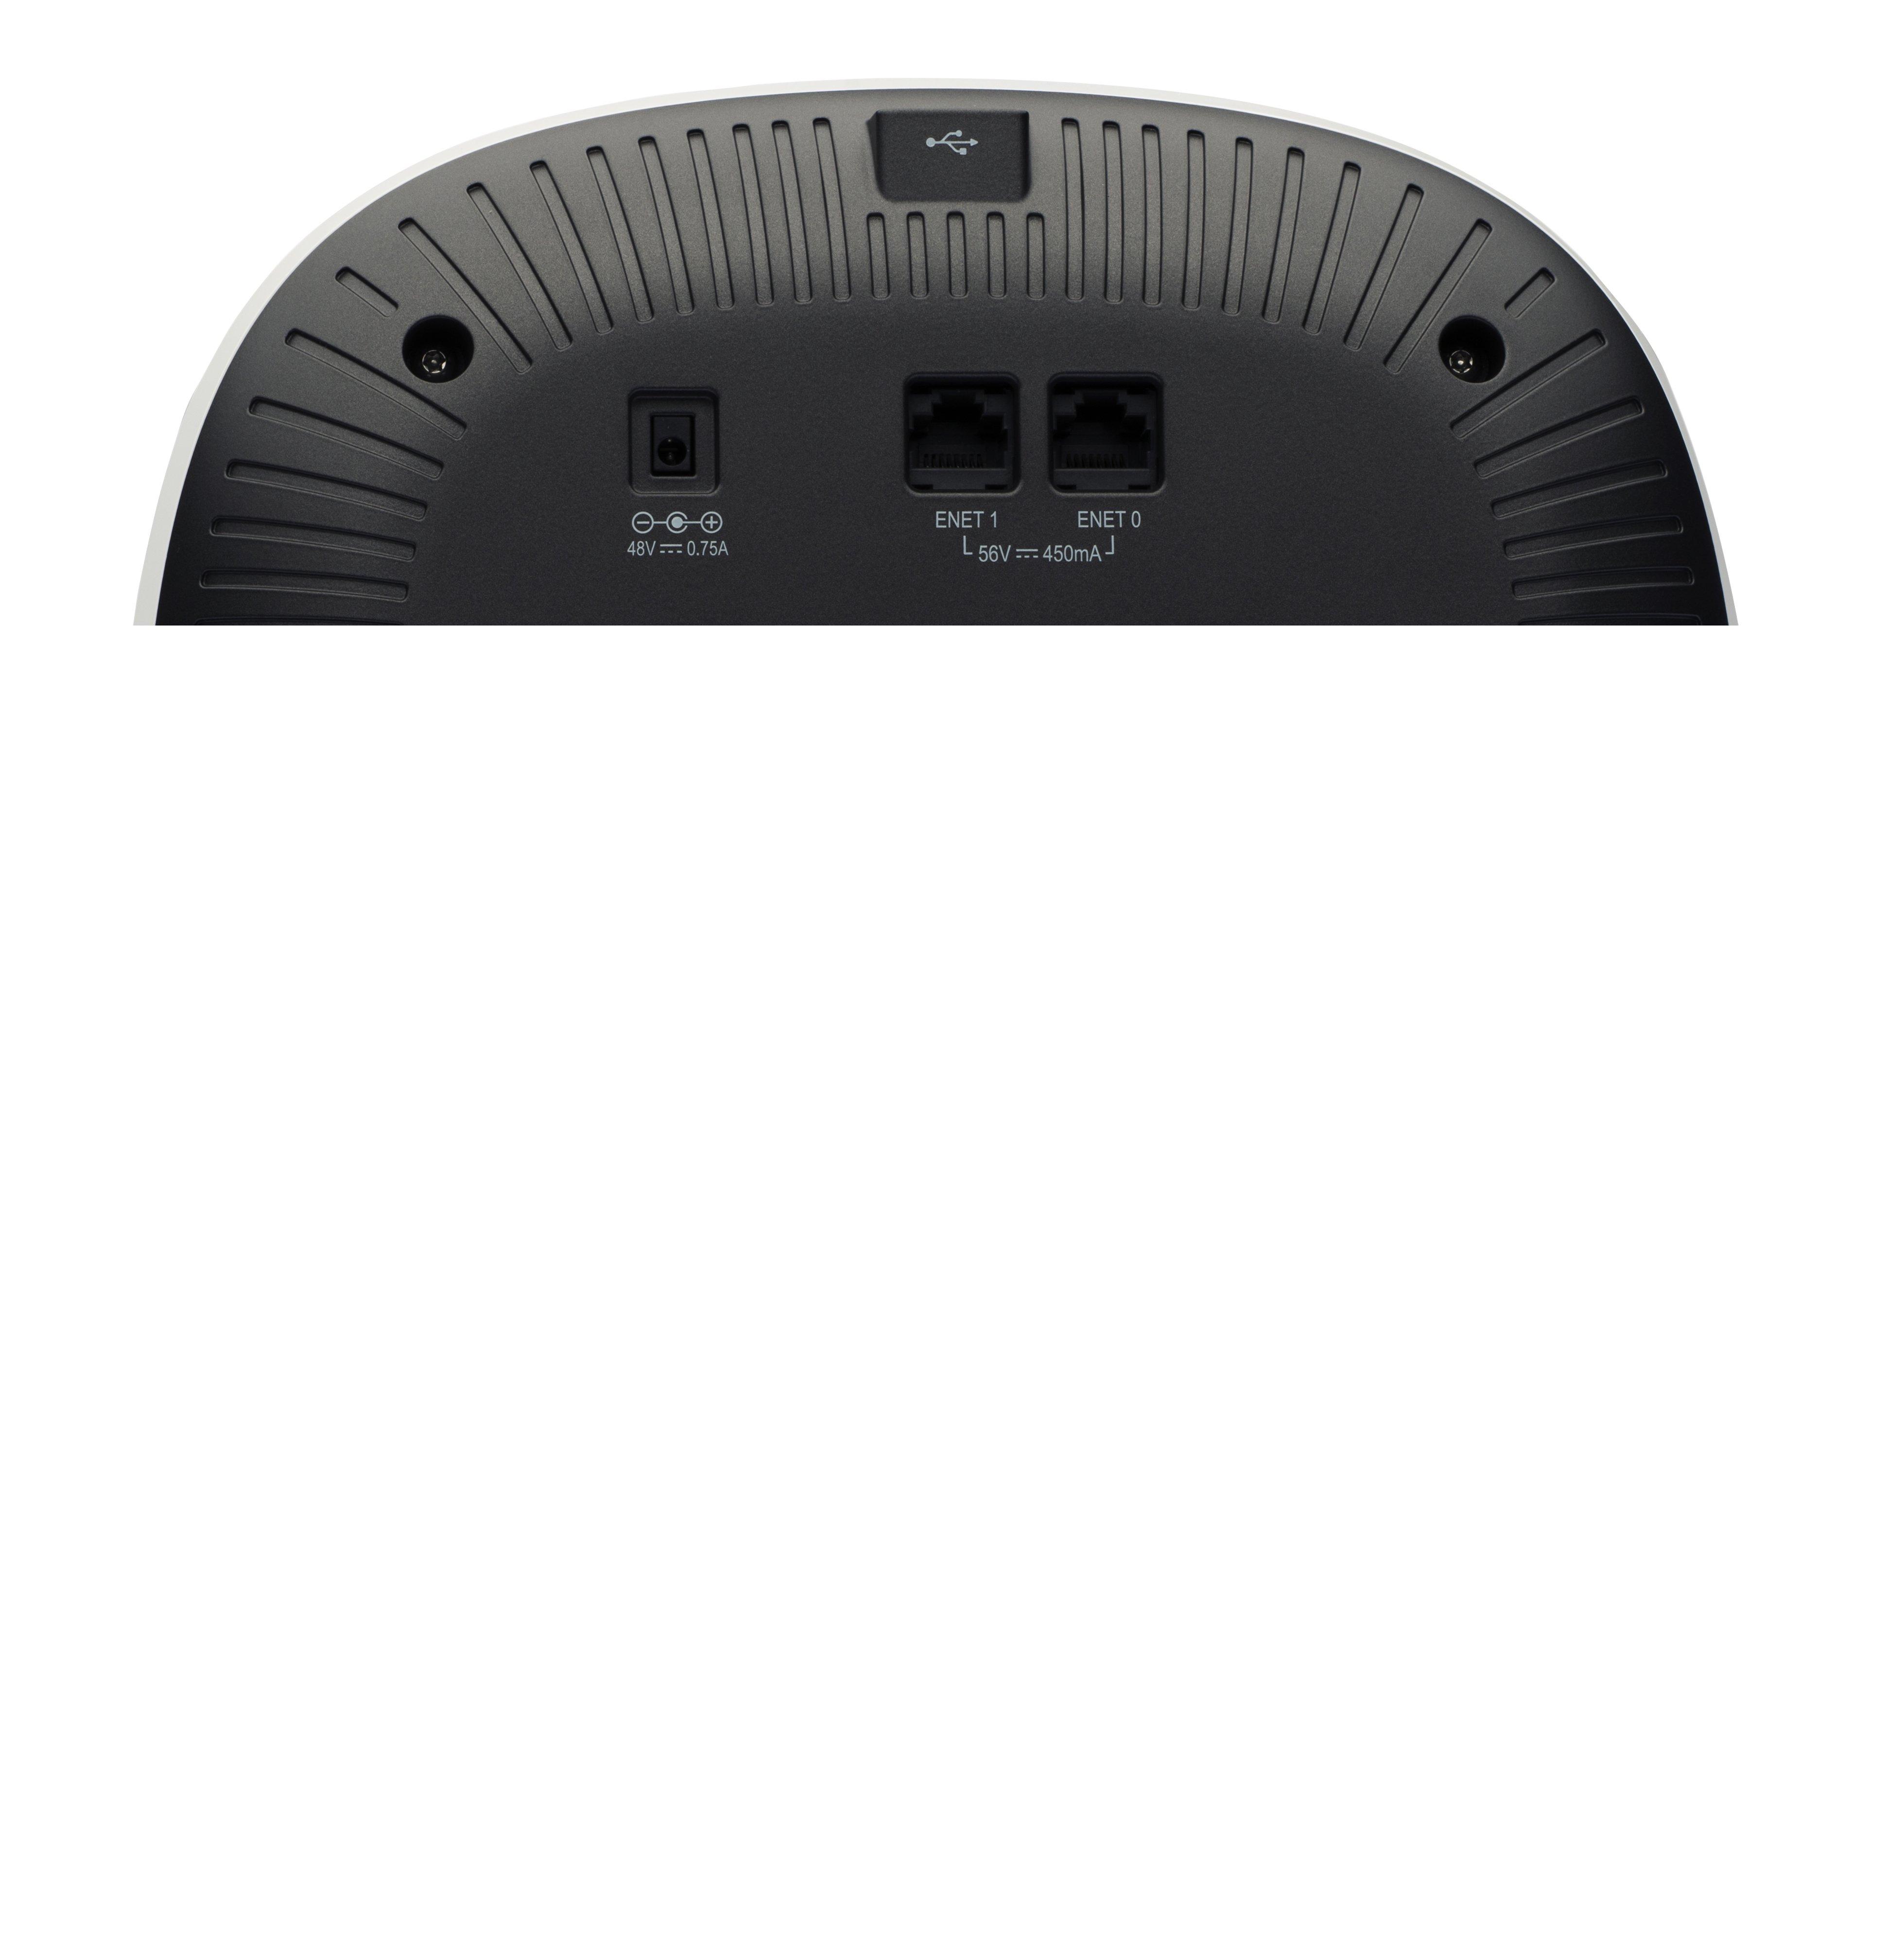 HPE Aruba Instant IAP-335 (RW) - radio    | JW823A